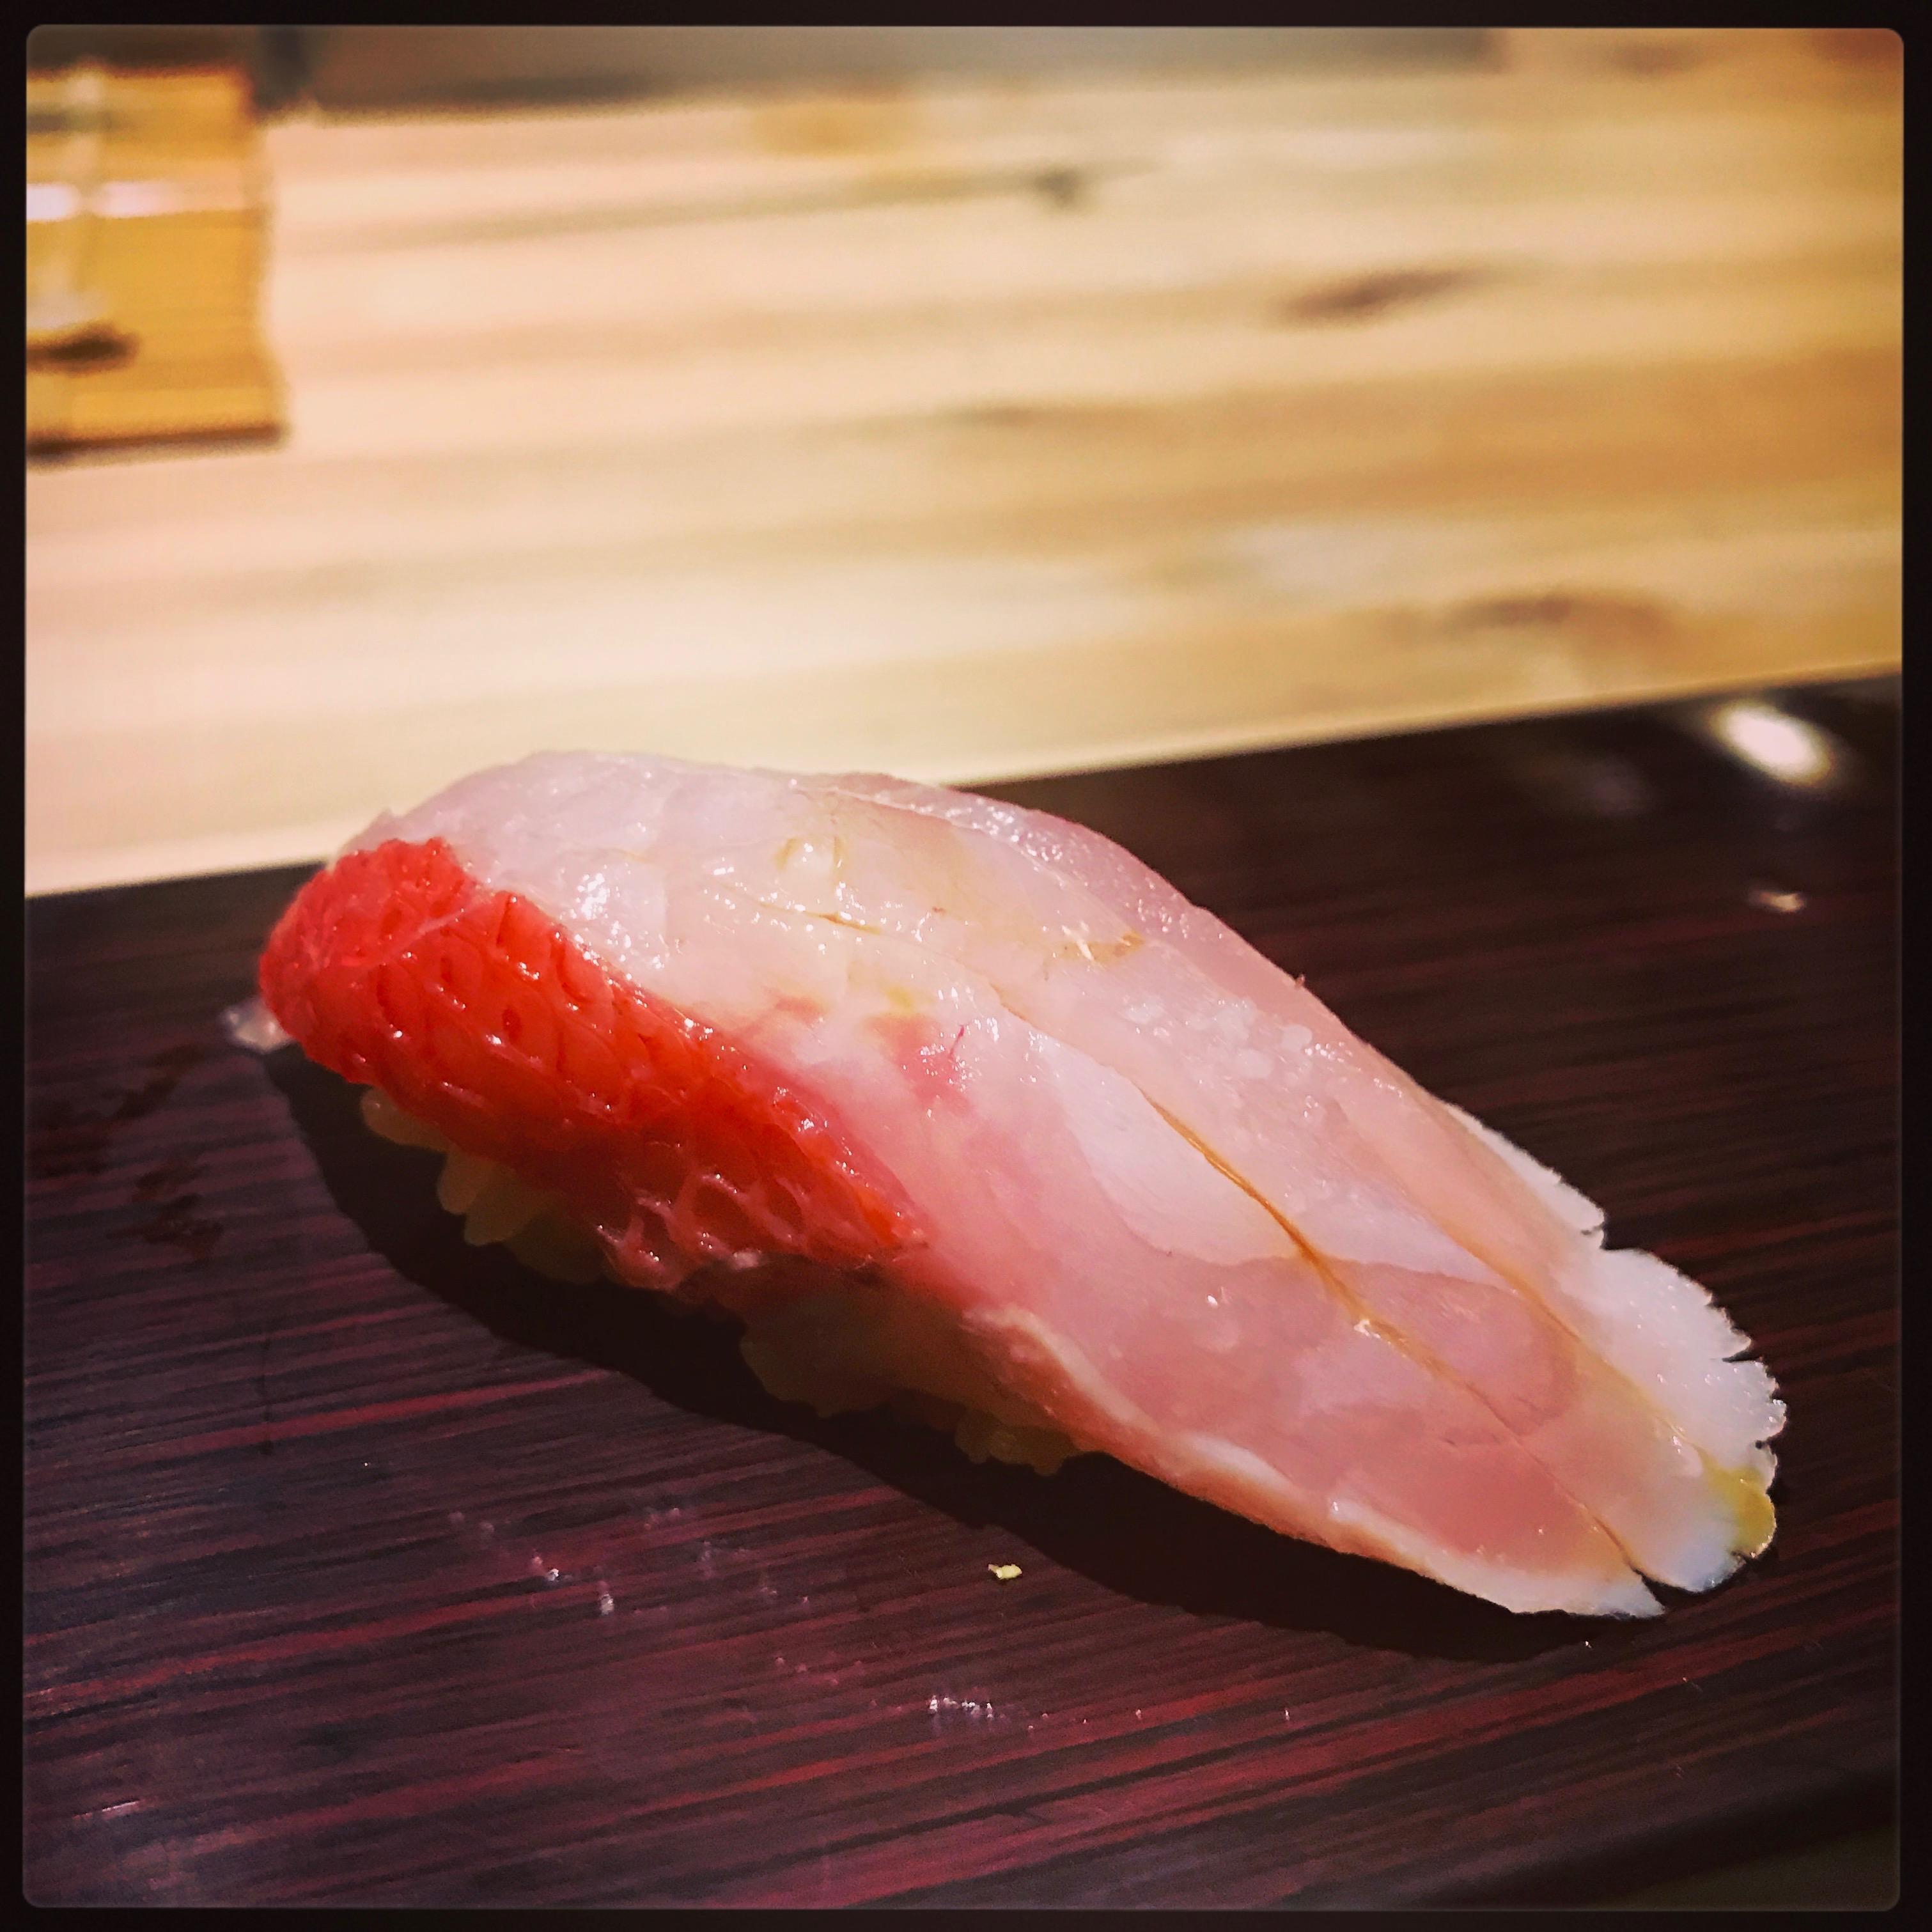 Sushi Ran - omakase - buri toro willd yellowtail belly nigiri